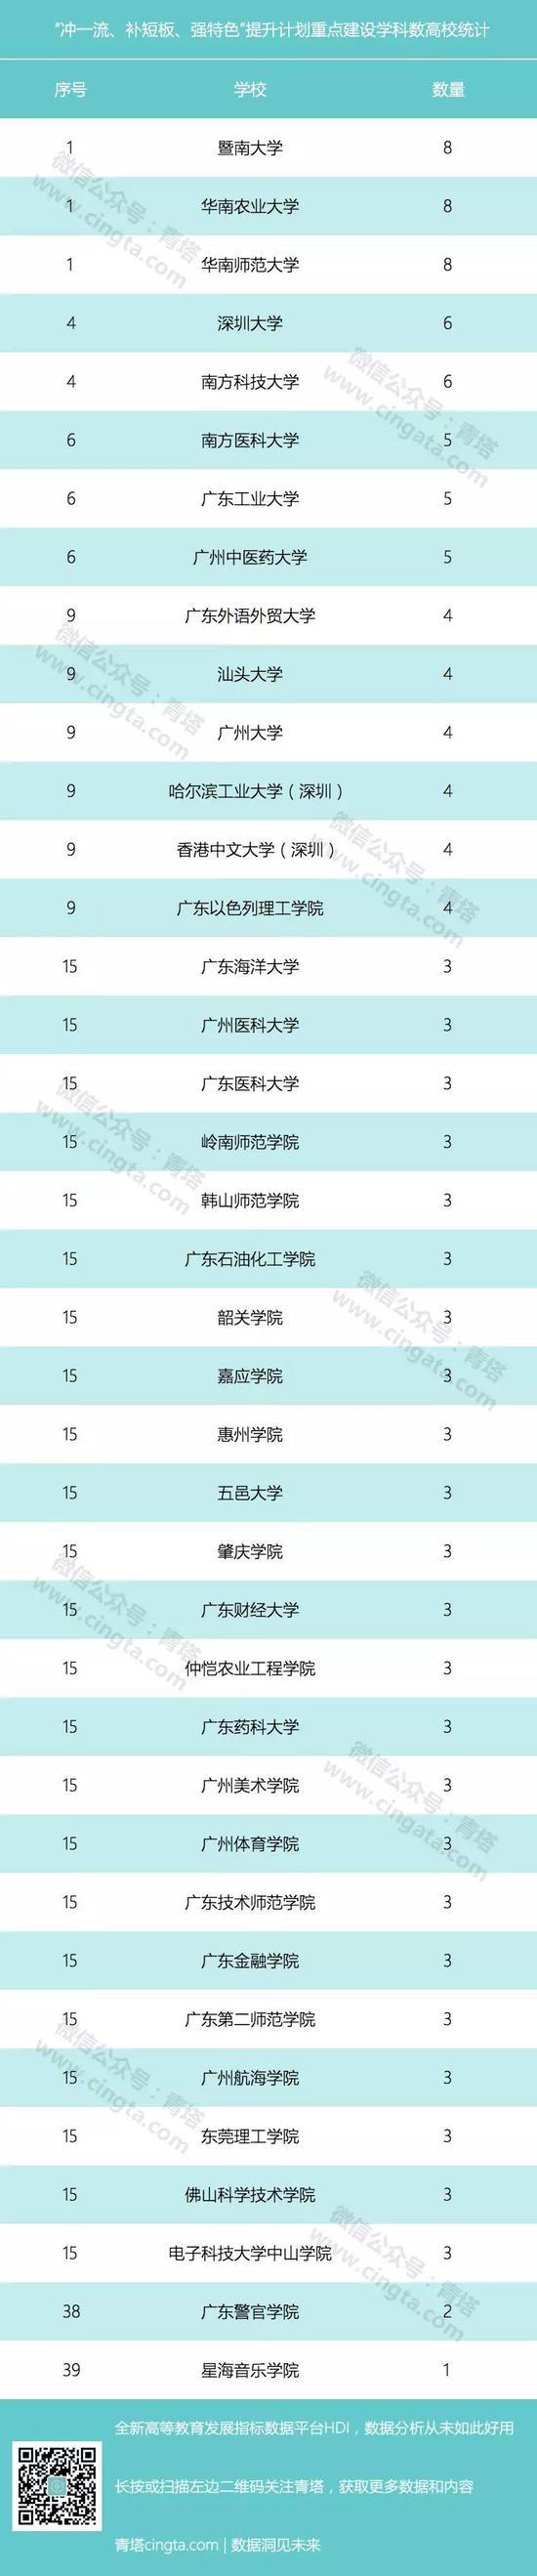 广东新一轮高水平大学建设计划41所大学入围